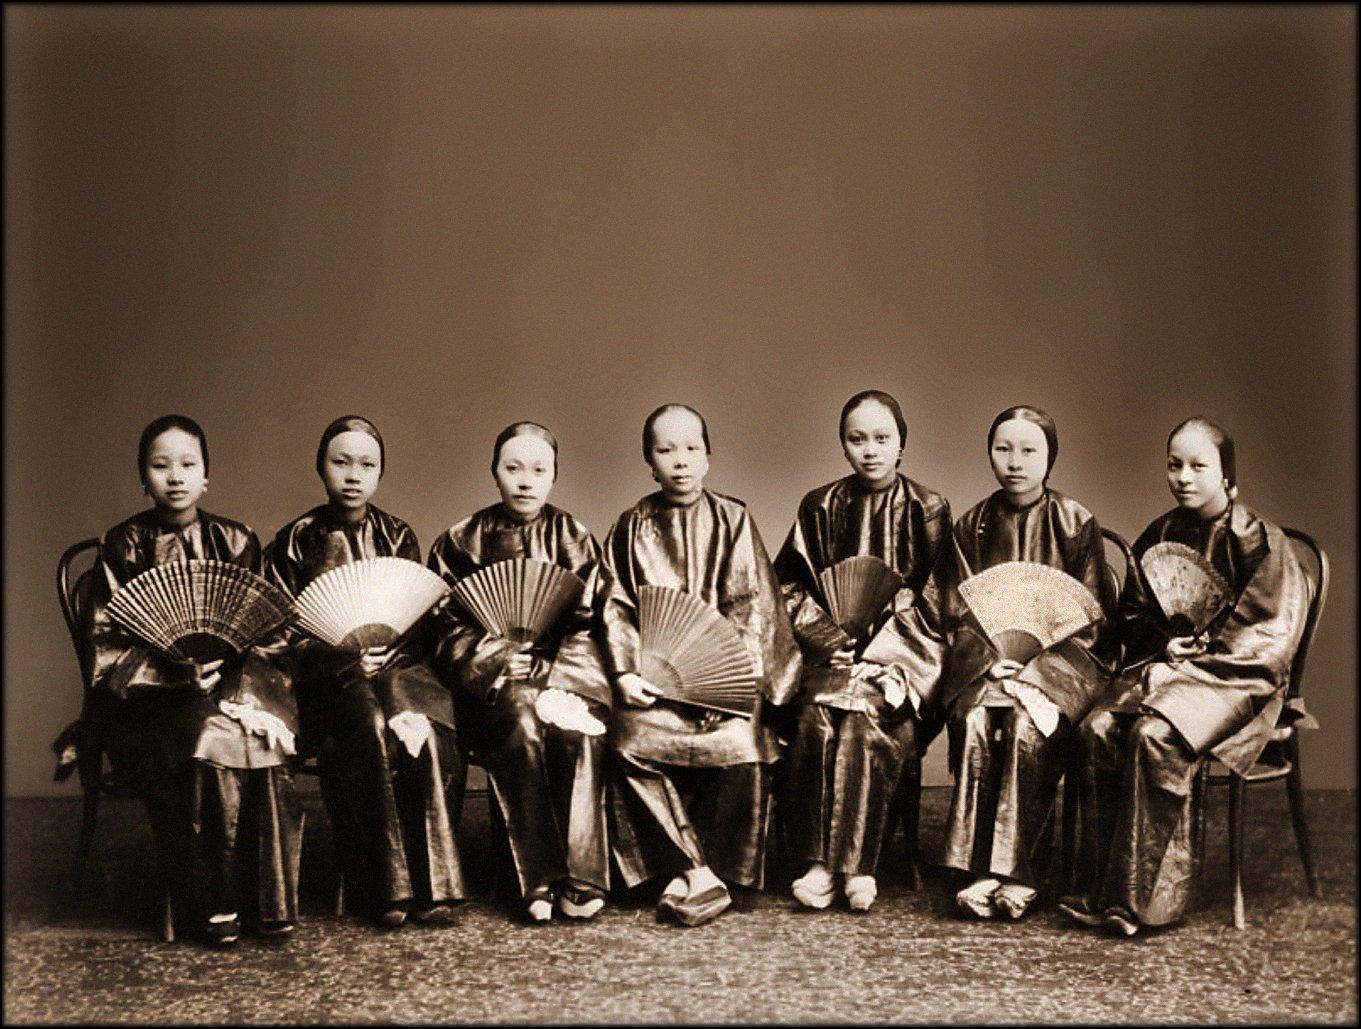 Superstições chinesas - sete mulheres sentadas com roupas tradicionais e leques chineses